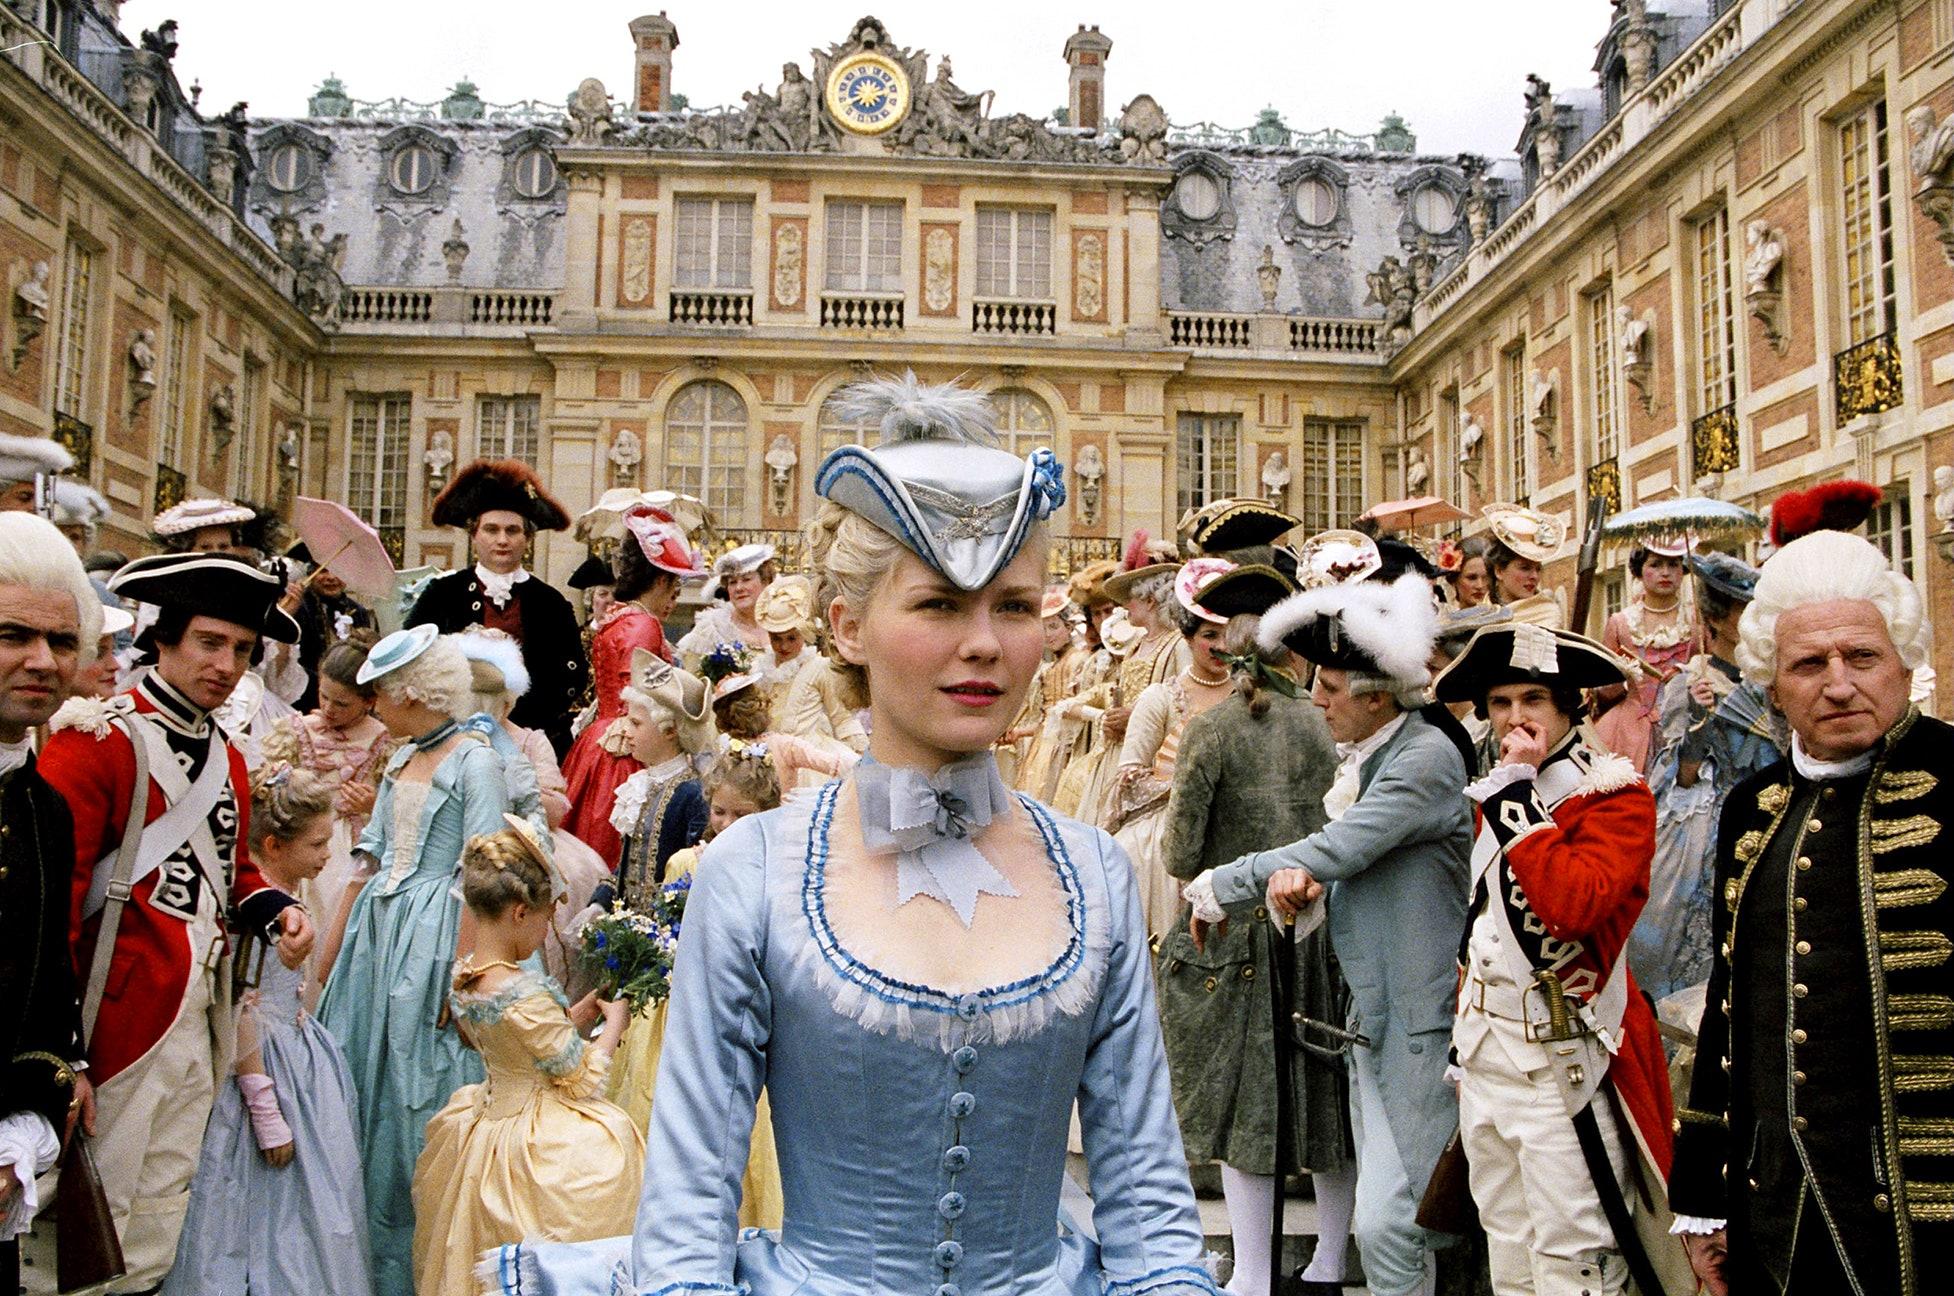 Cena do momento em que Maria Antonieta chega a Versalhes. Ela usa um traje azul claro, que contrasta com as roupas majoritariamente escuras da multidão que a cerca. Todos estão fora do palácio, cercados pela construção como se estivessem em um pátio.